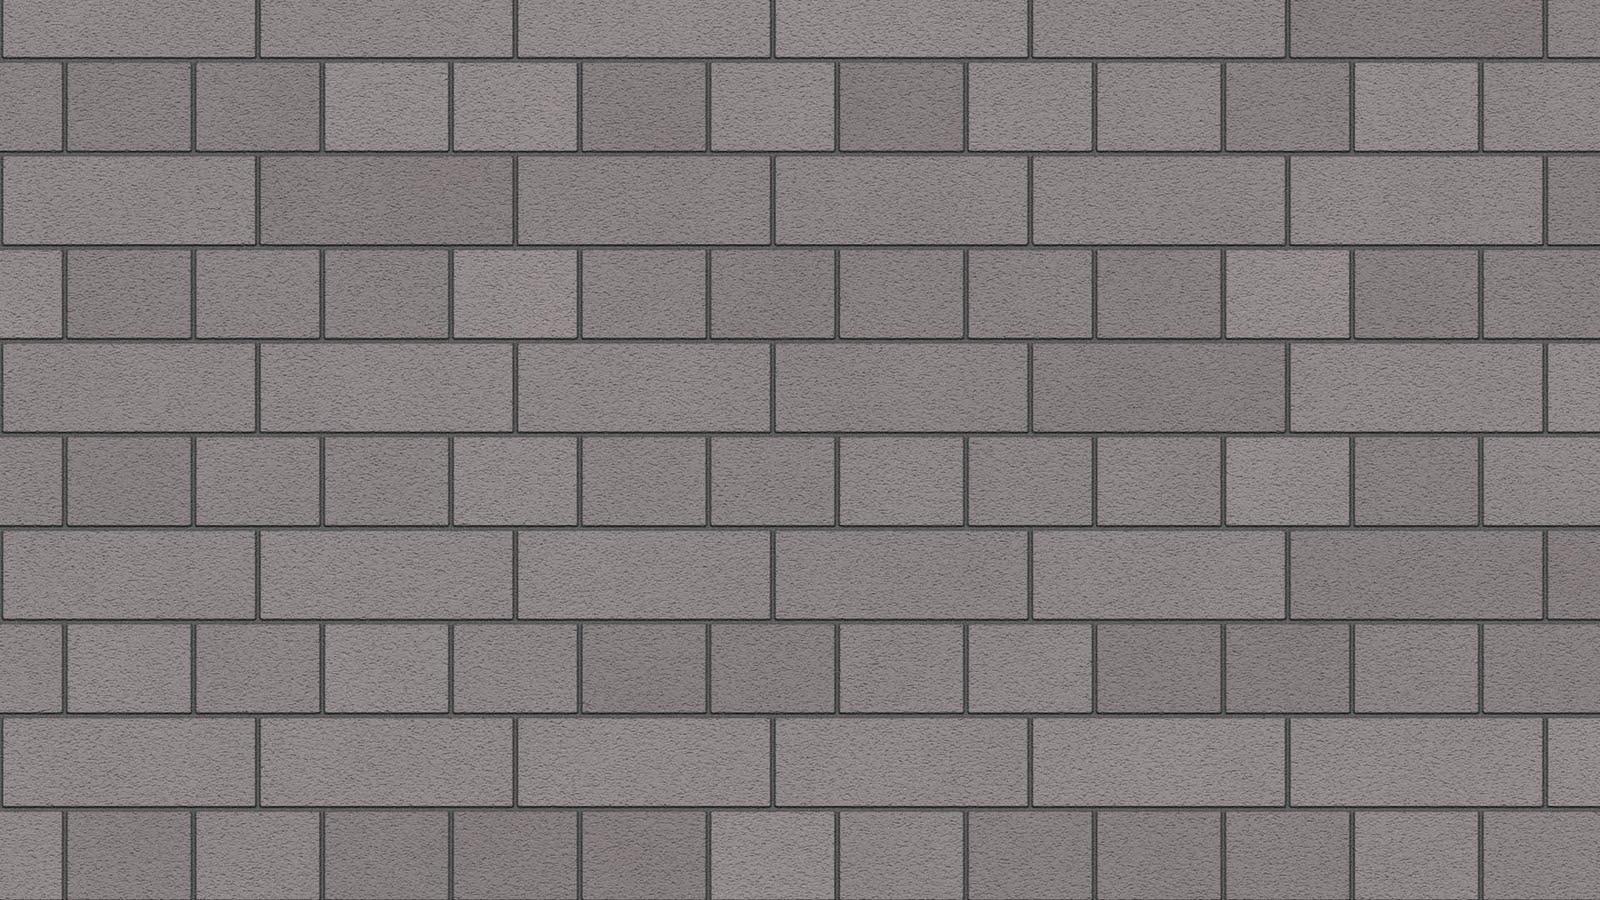 Stenen muur voor tuin beste inspiratie voor huis ontwerp - Muur steen duidelijk ...